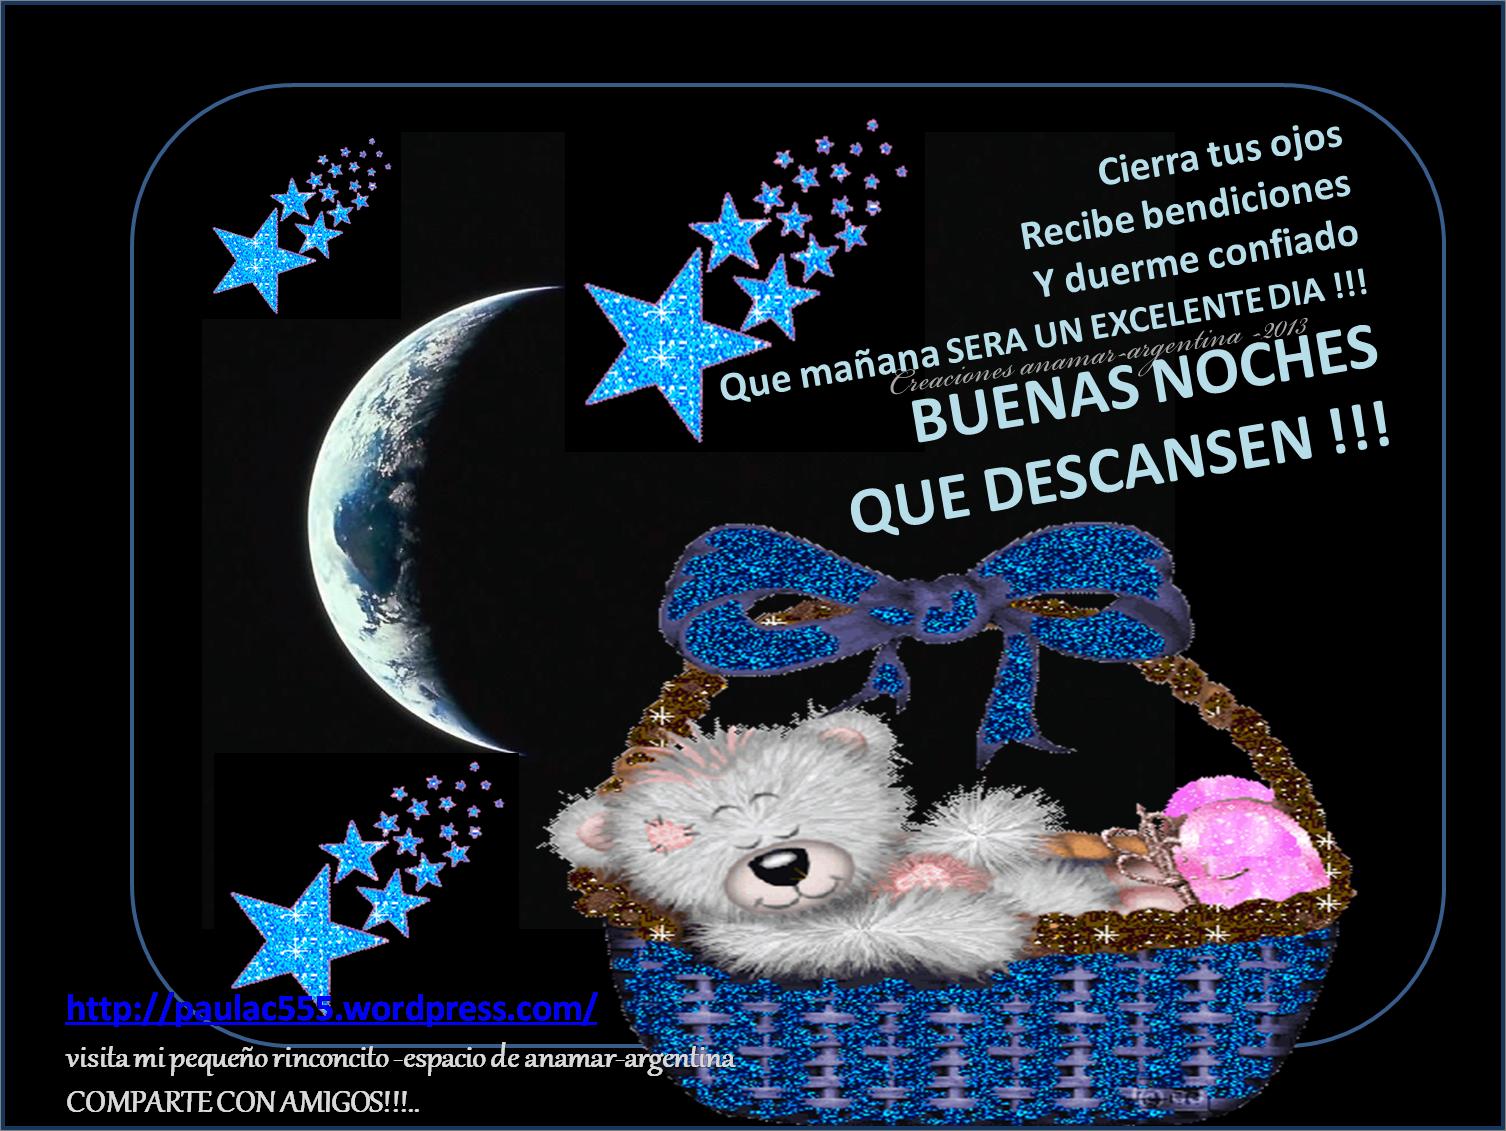 imagenes-con-pensamientos-positivos-motivadores-buenas-noches-92-creaciones-anamar-argentina-2013